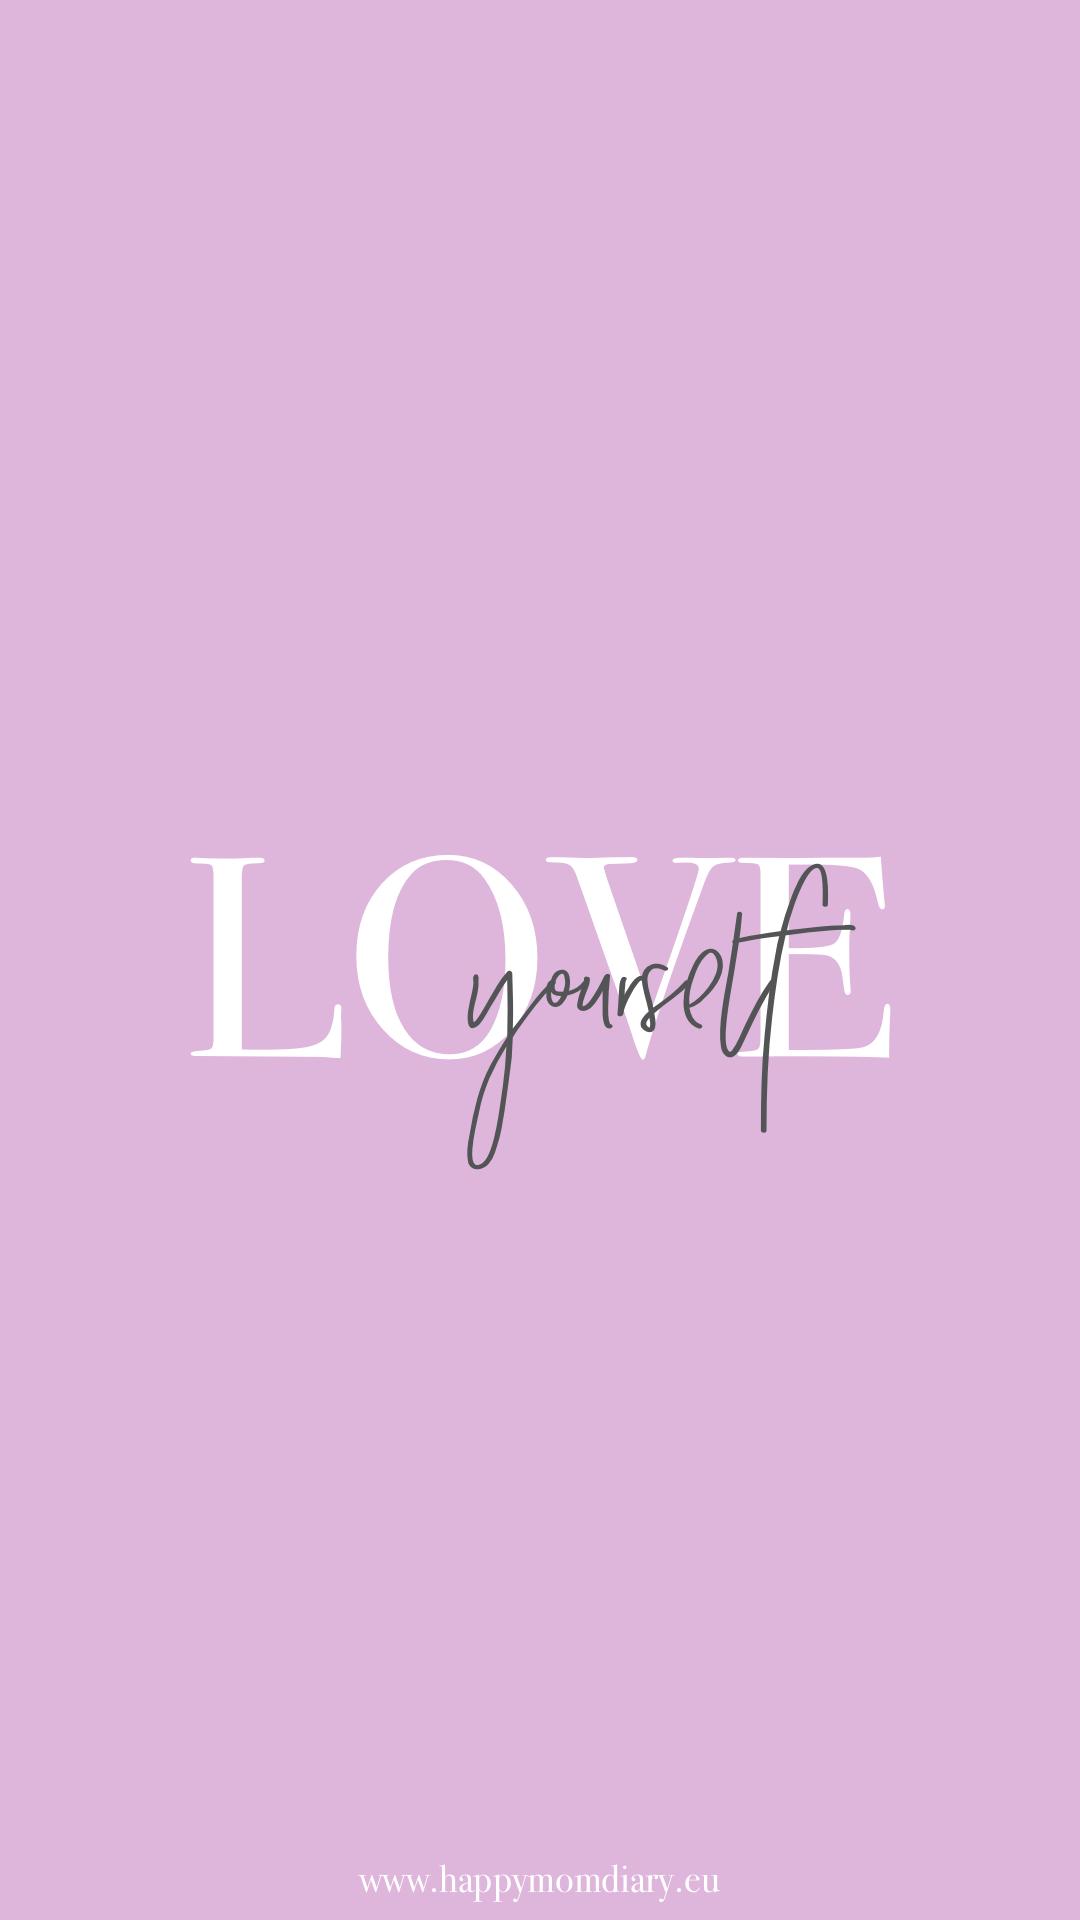 LOVE yourself - Hintergrundbilder für dein Handy